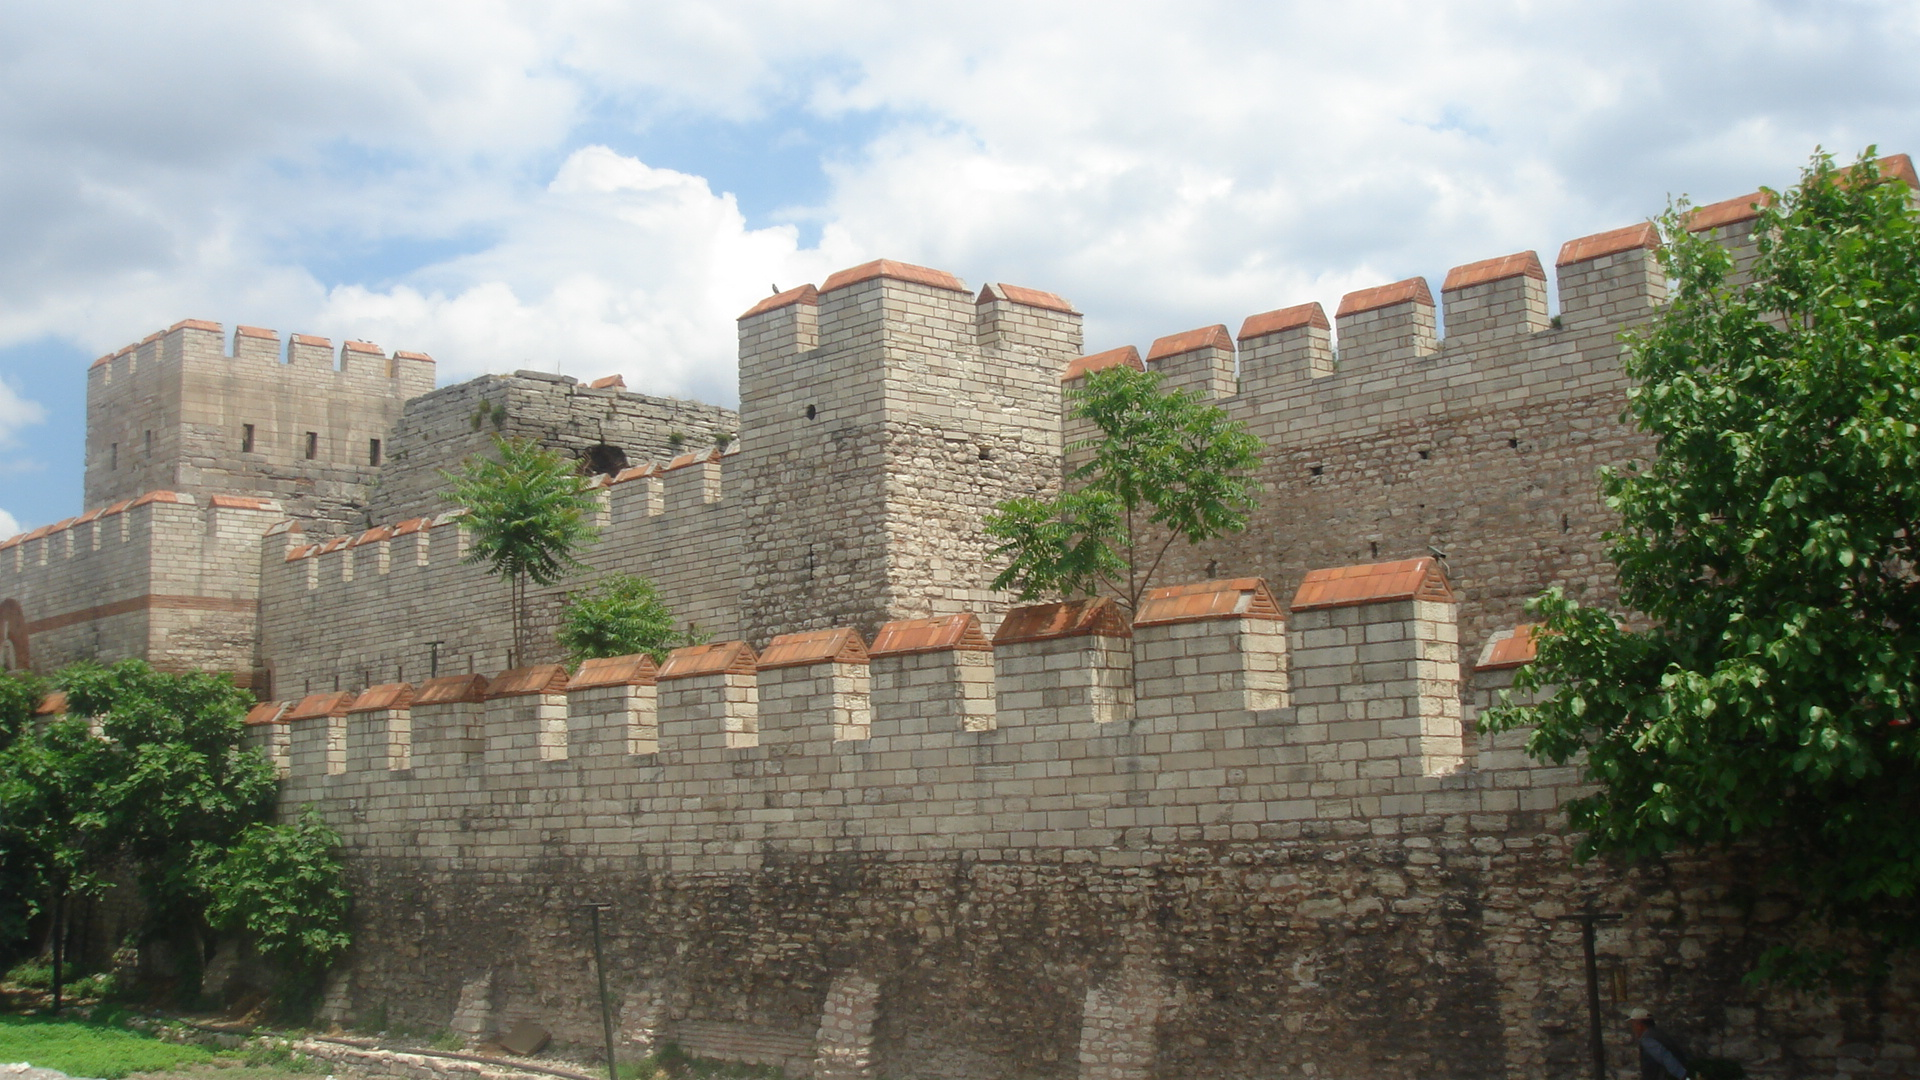 أسوار القسطنطينية الثلاث .